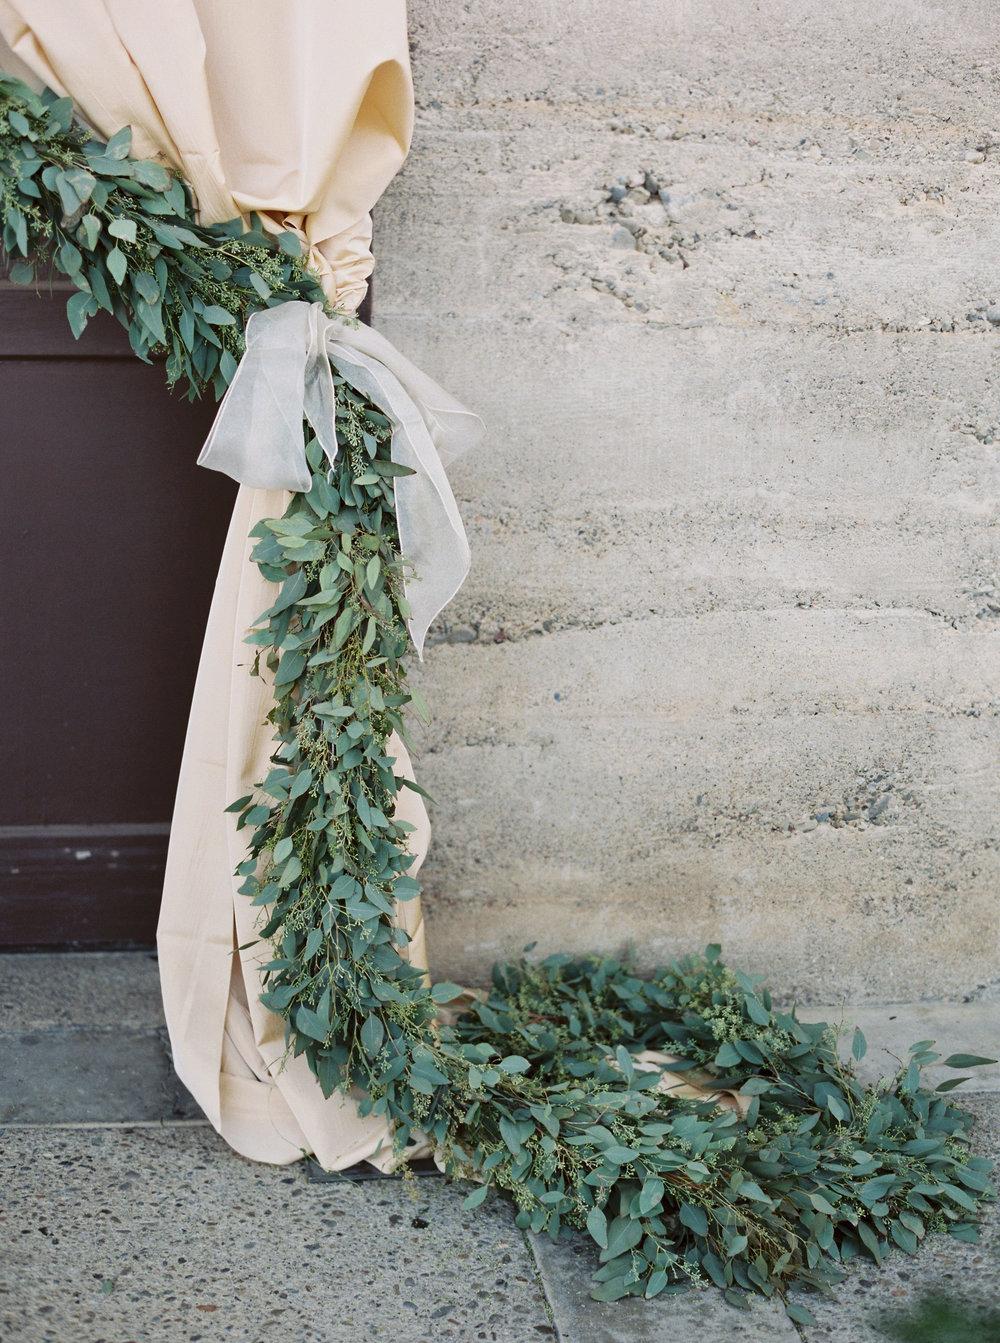 muriettas-well-wedding-in-livermore-california-110.jpg